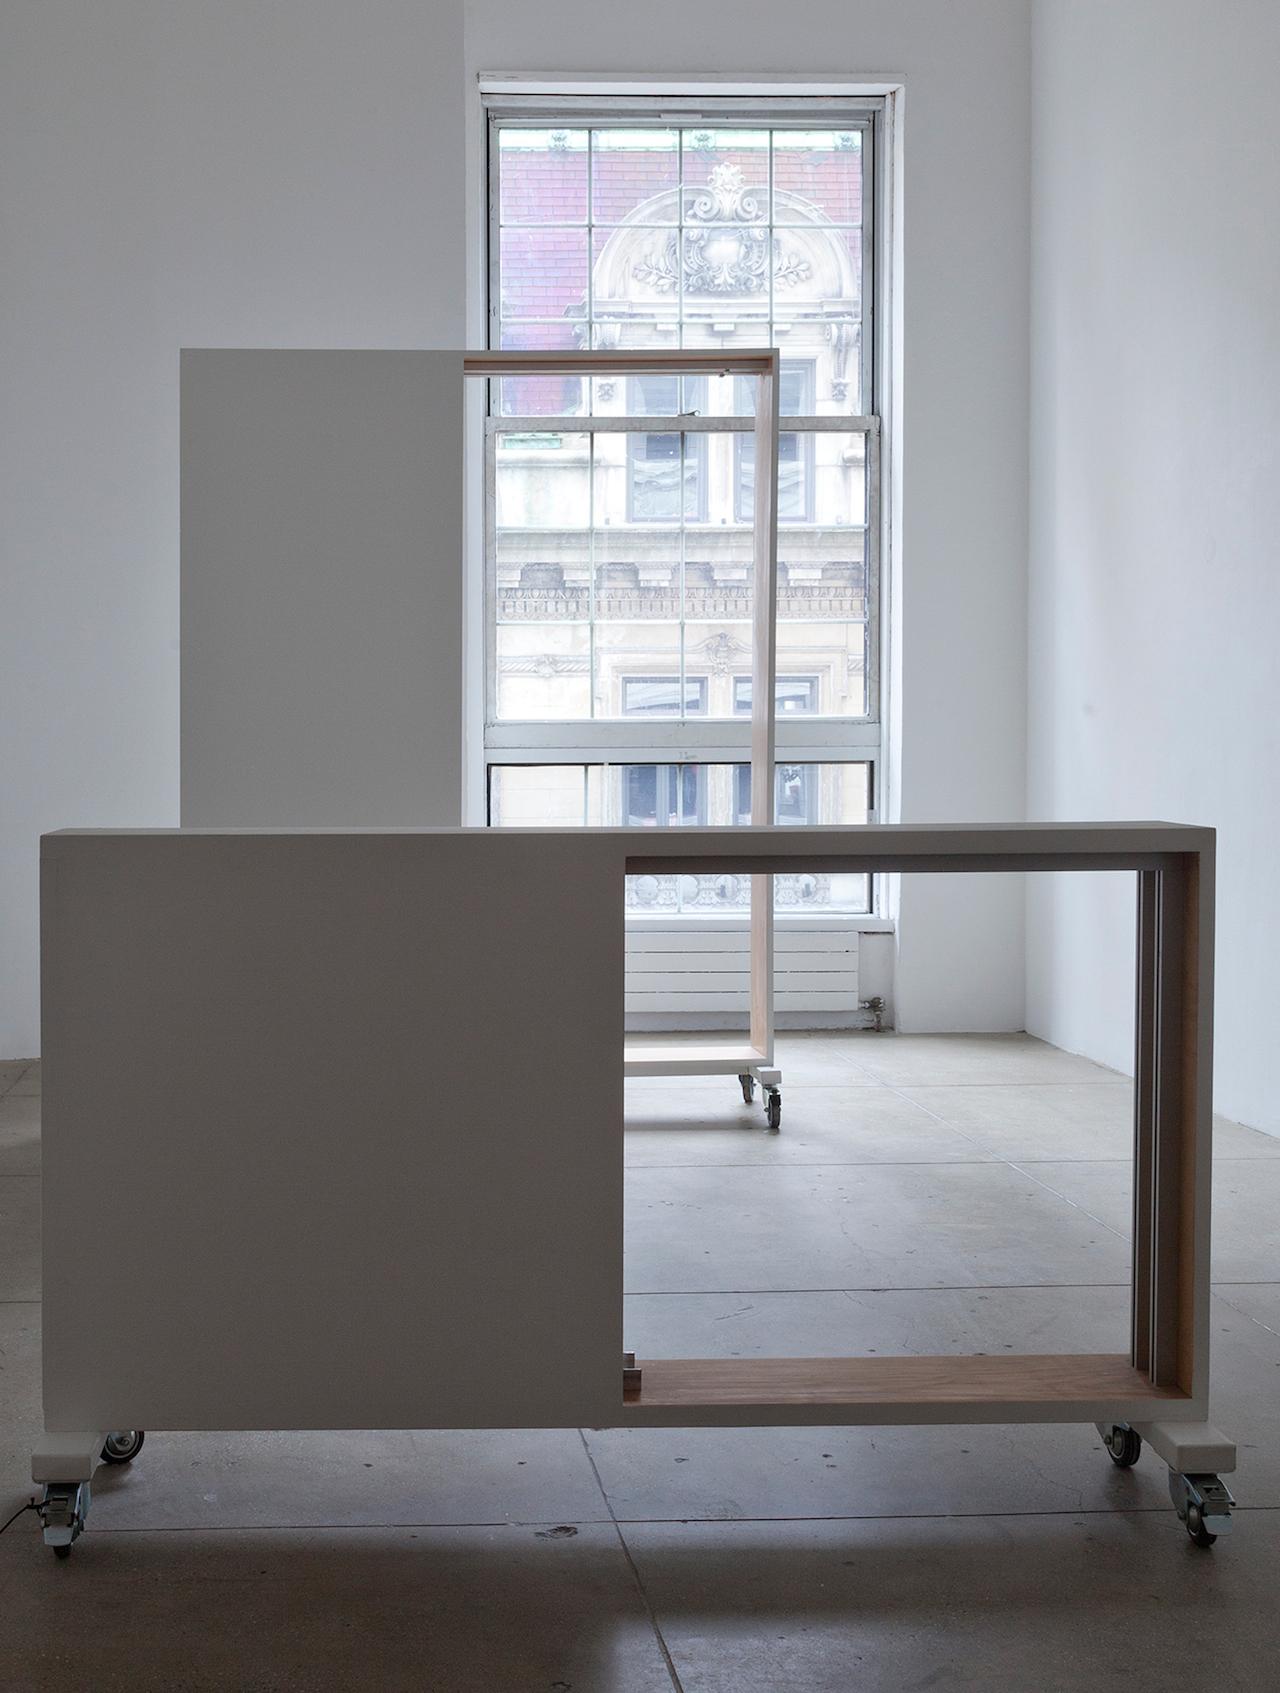 06_Maria_Nordman_Installation